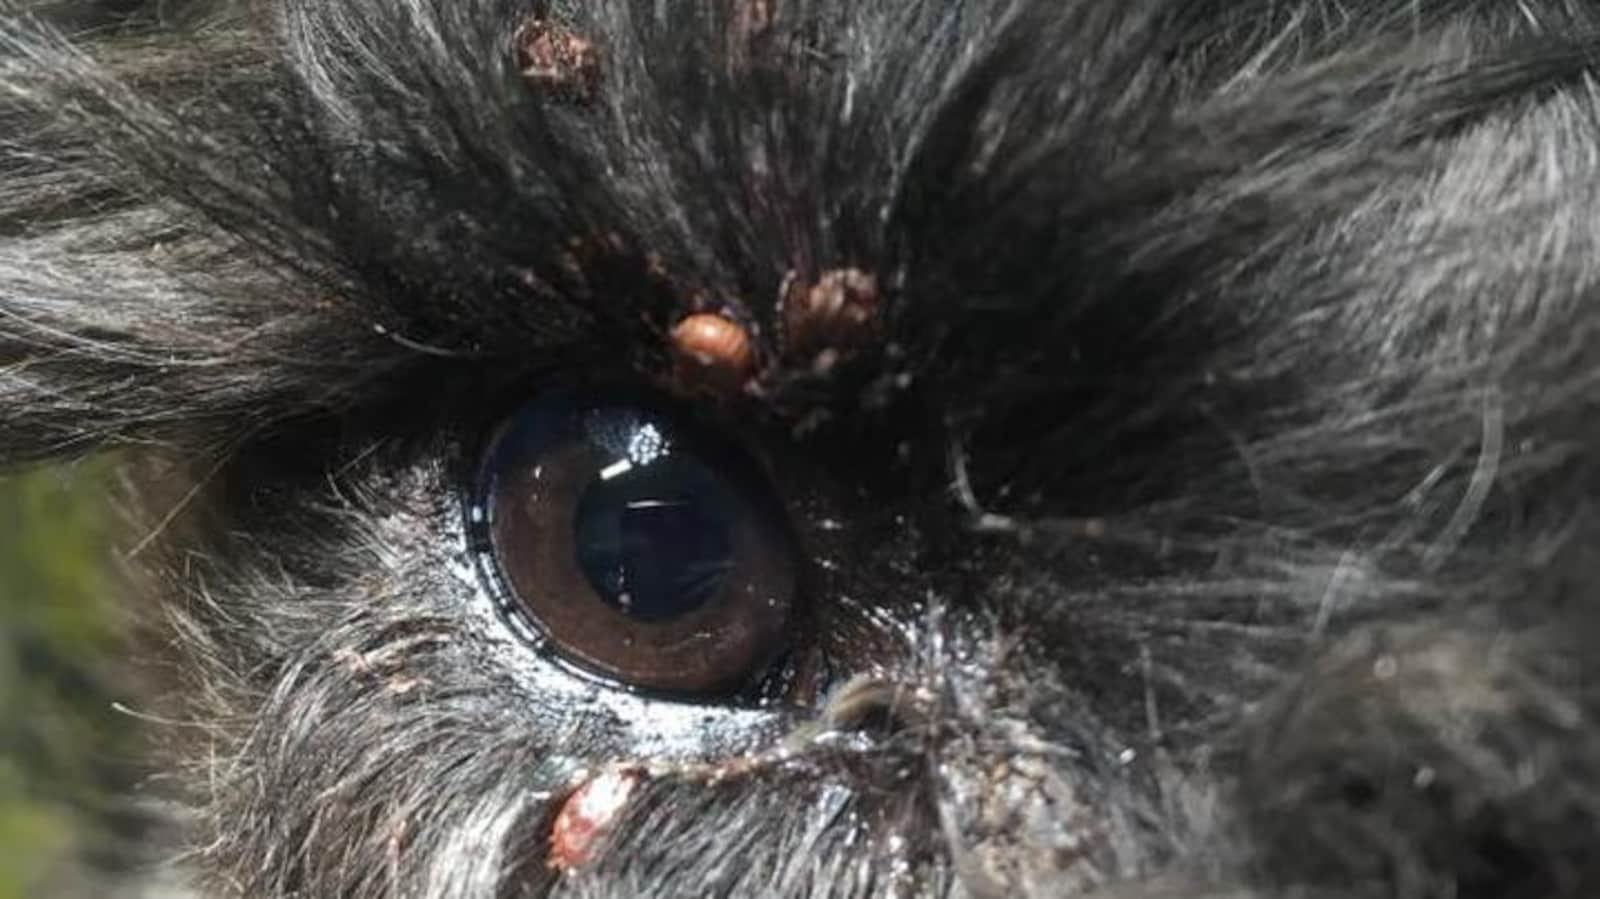 Plusieurs tiques sont accrochées à la peau et aux poils entourant l'oeil d'un chien.